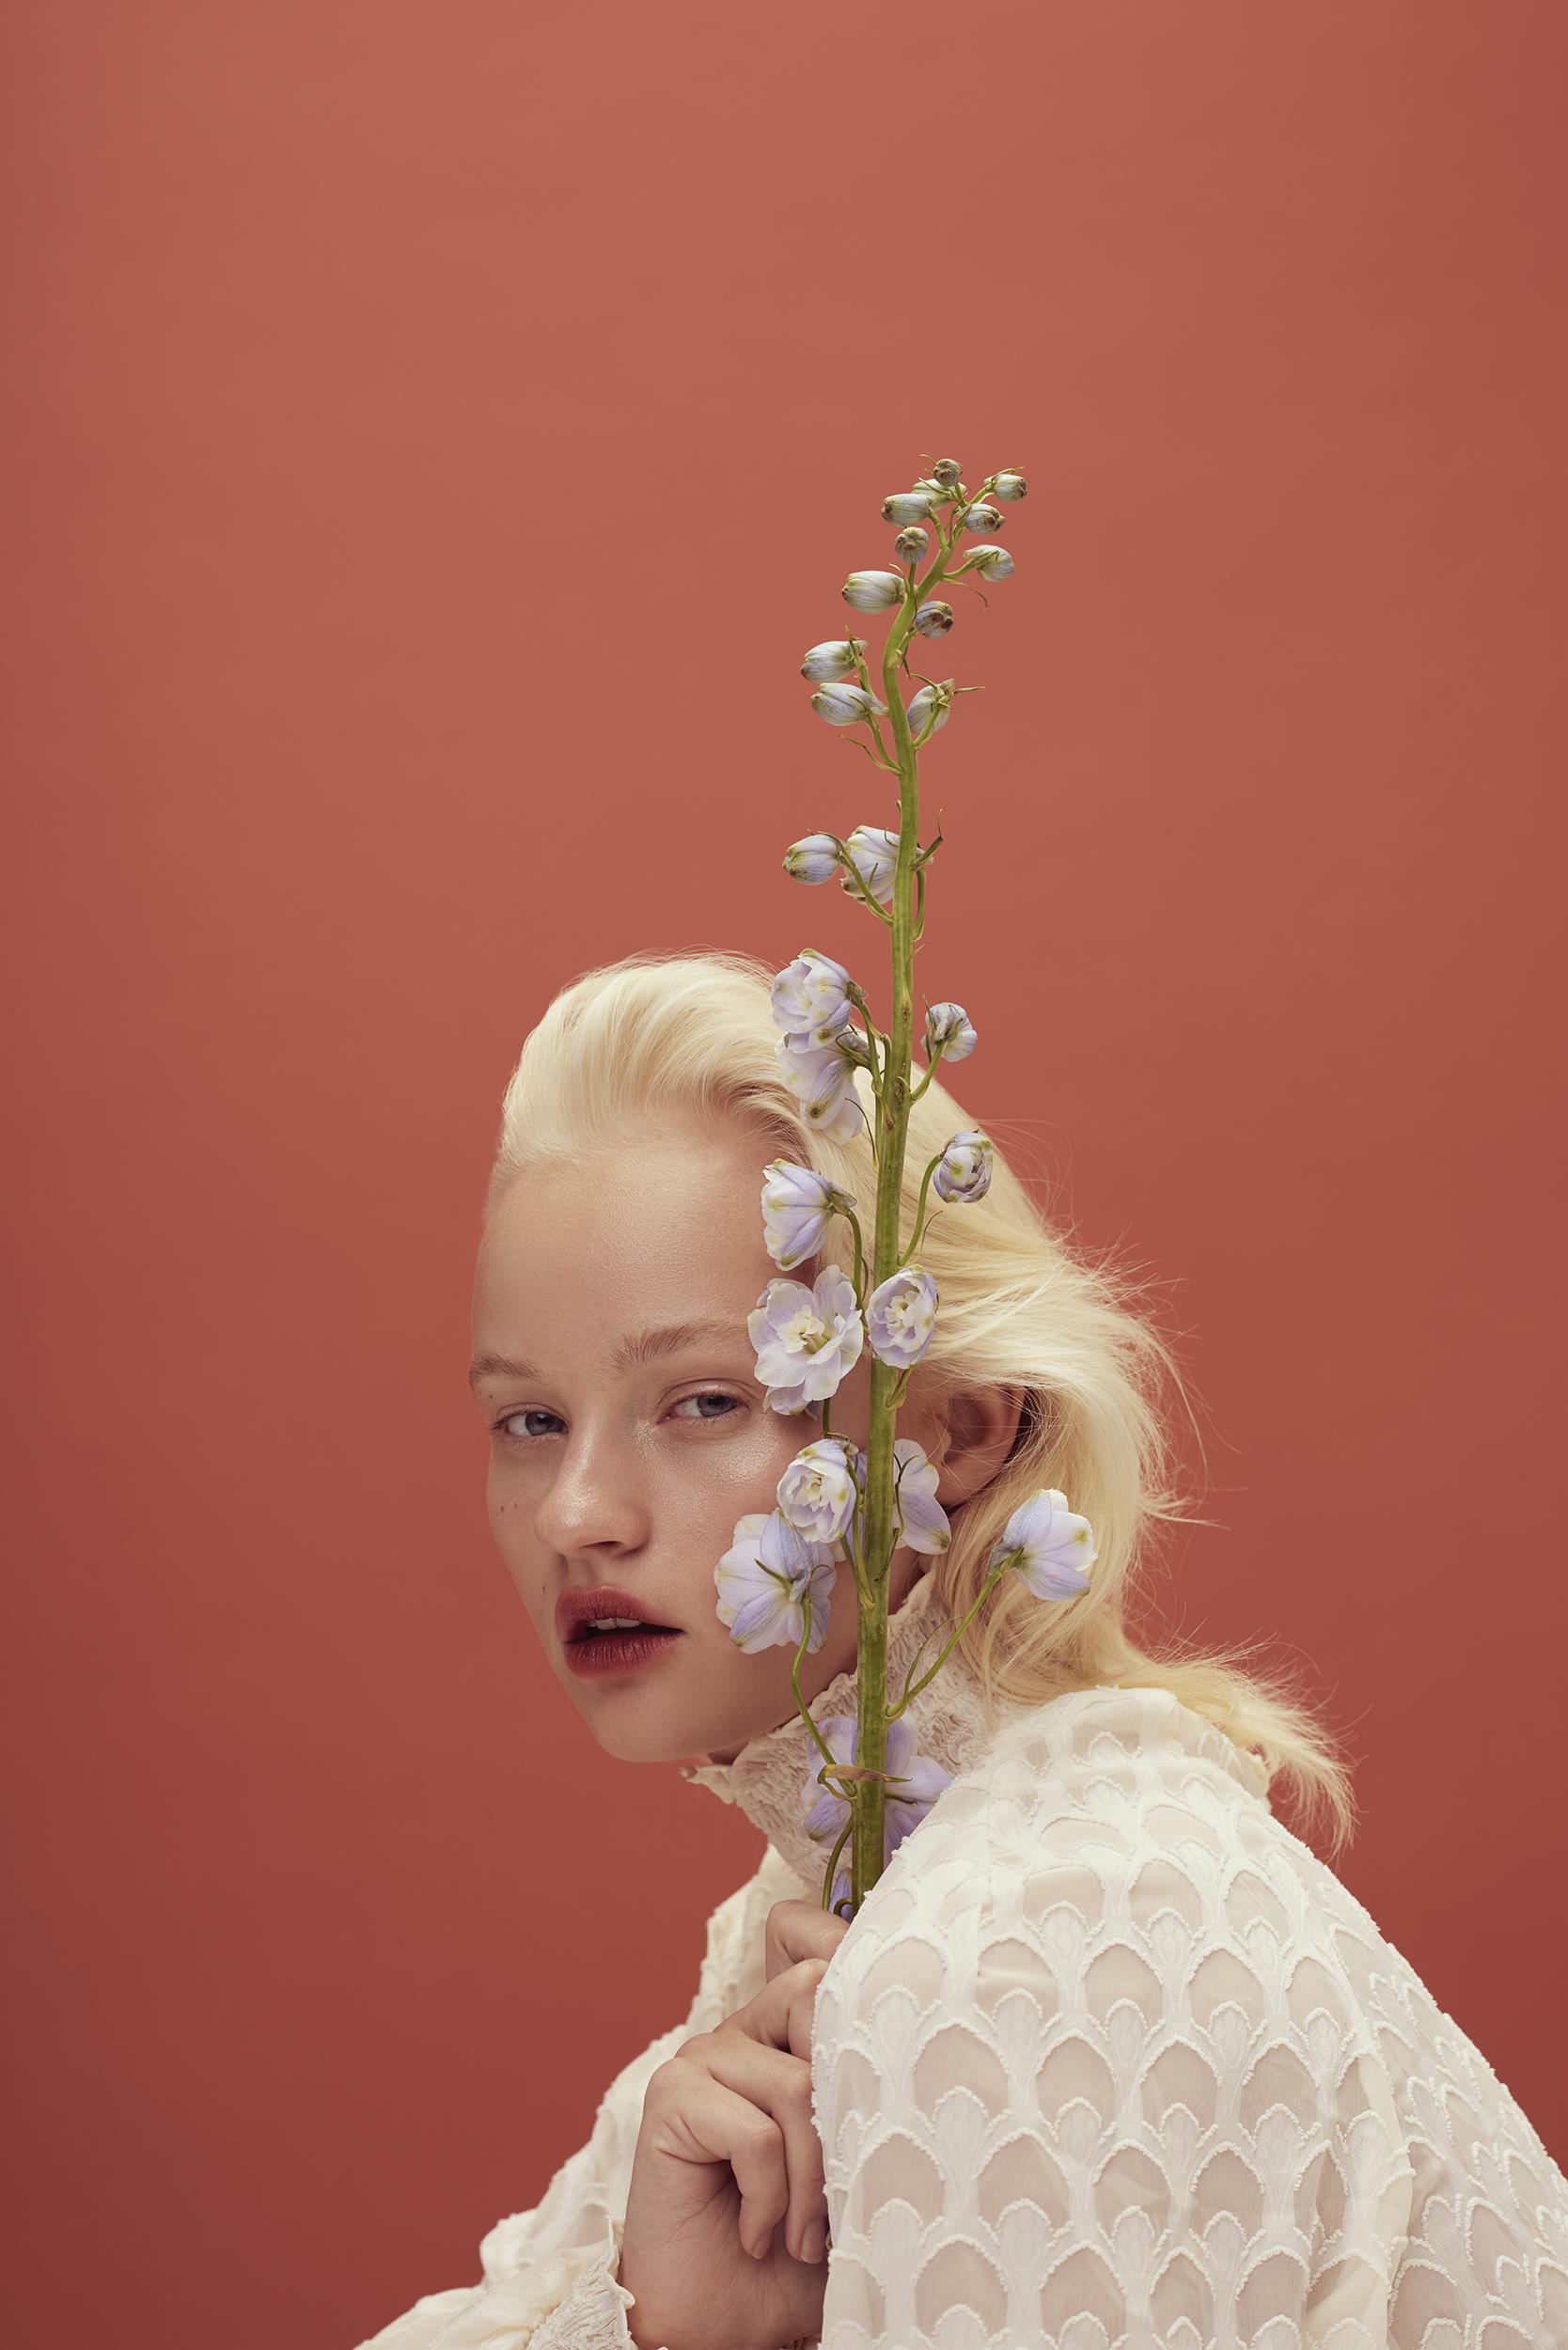 Spring-look-no2216-contrast-2000.jpg